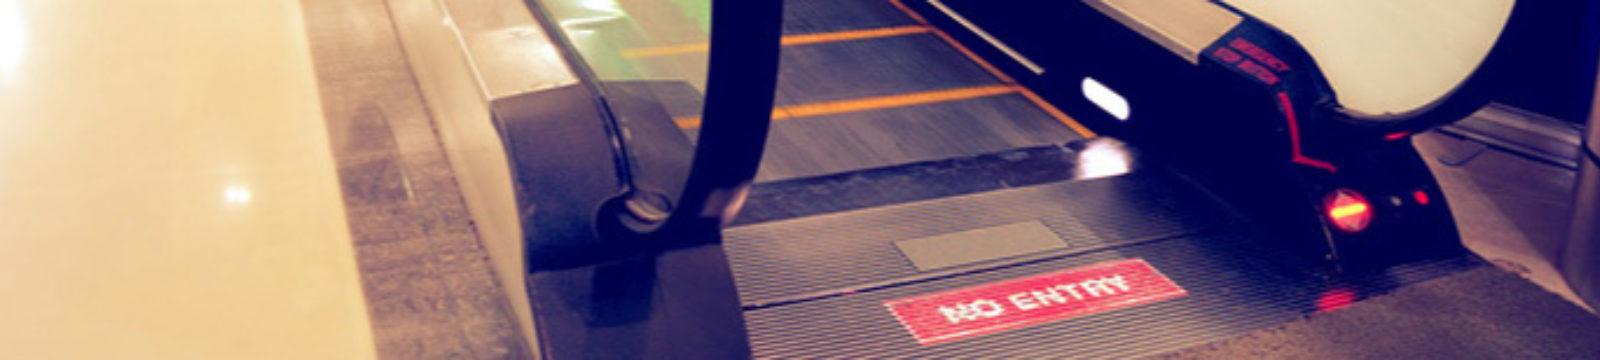 Escalator Blog